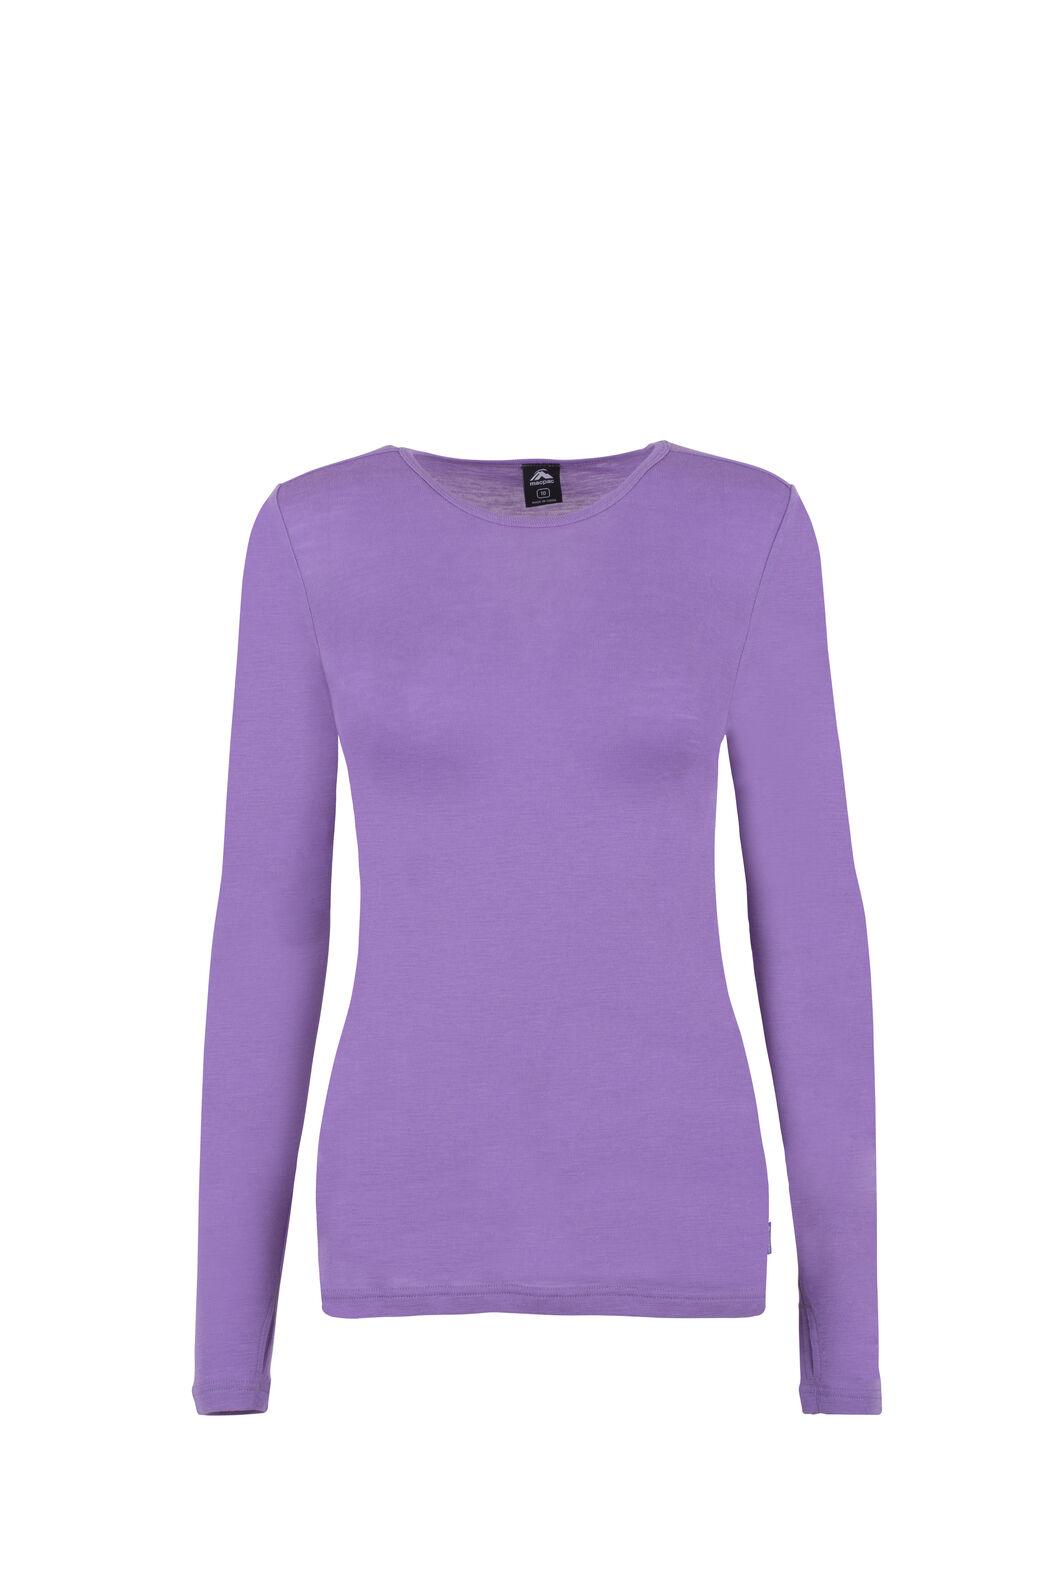 Macpac 220 Merino Top - Women's, Lavender, hi-res